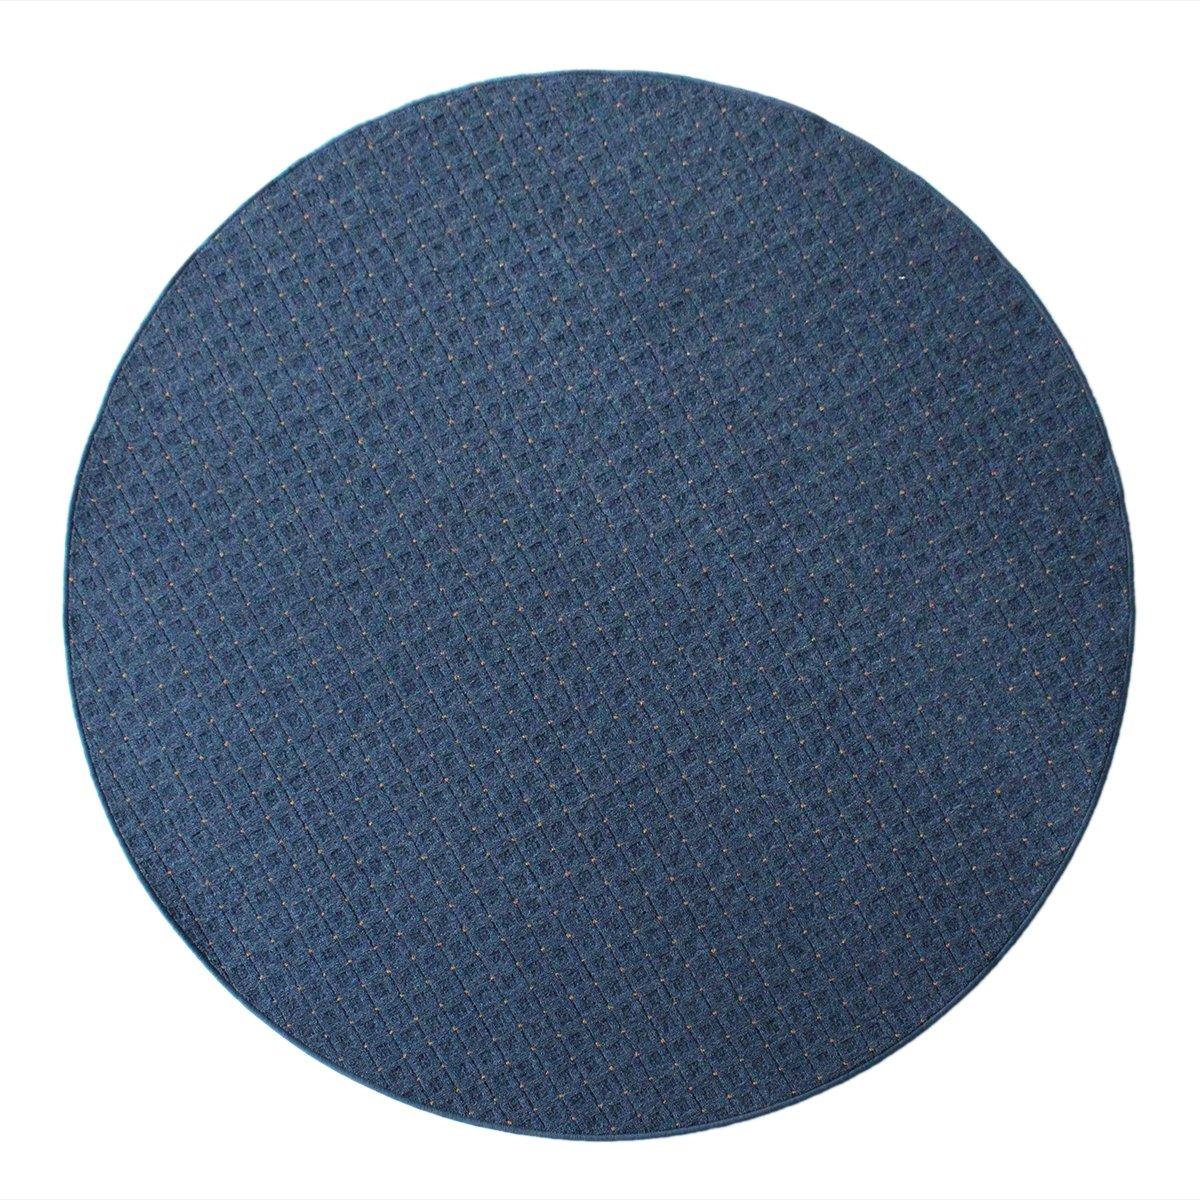 Havatex Schlingen Teppich Cambridge rund - Farbe wählbar - Geprüfte Qualität  schadstoffgeprüft pflegeleicht robust und - für Wohnzimmer Schlafzimmer Flure Büros, Farbe Blau, Größe 300 cm rund